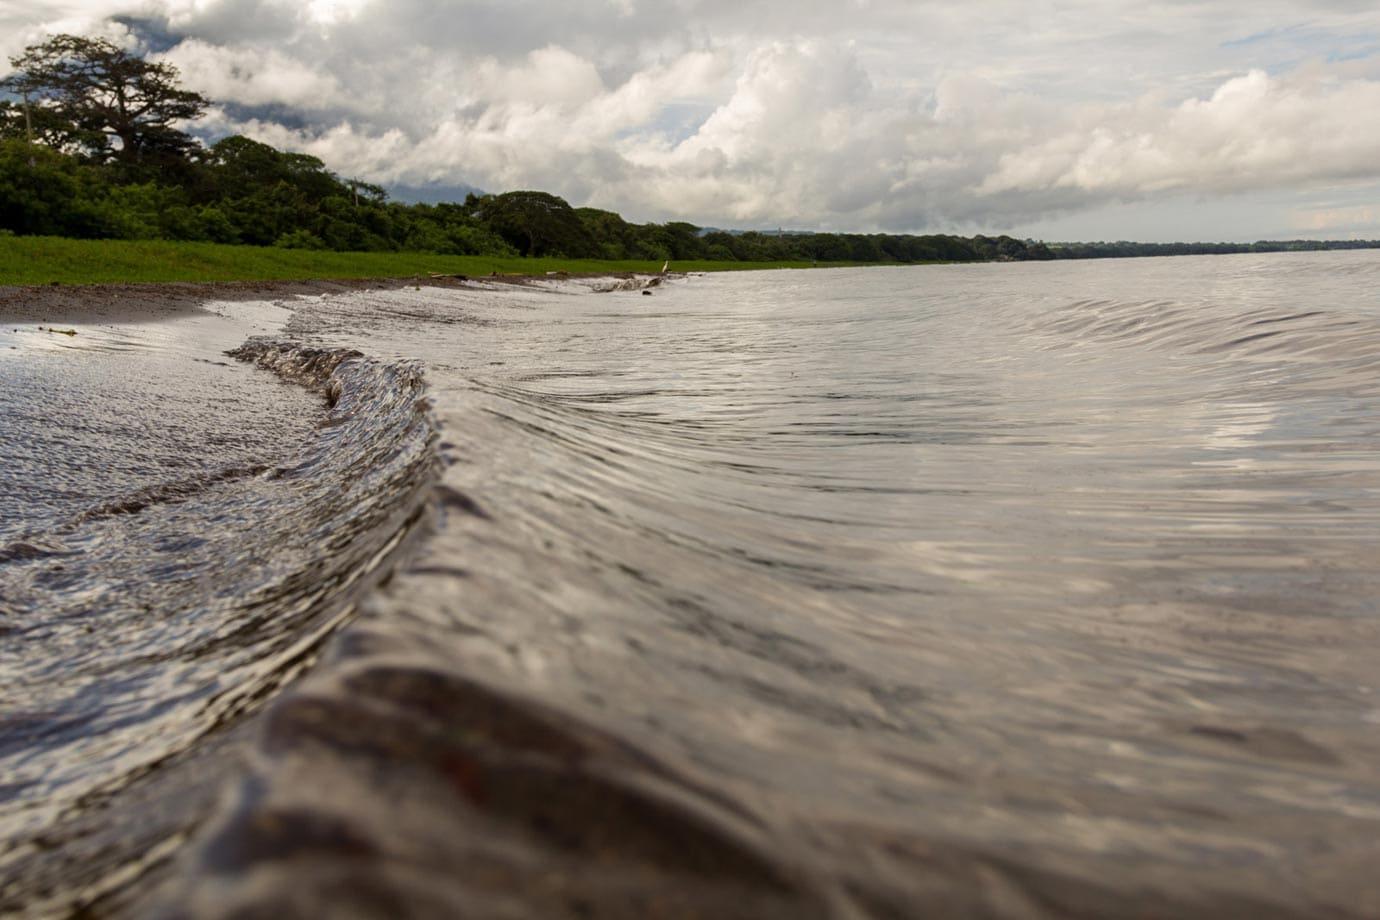 Beach on Ometepe